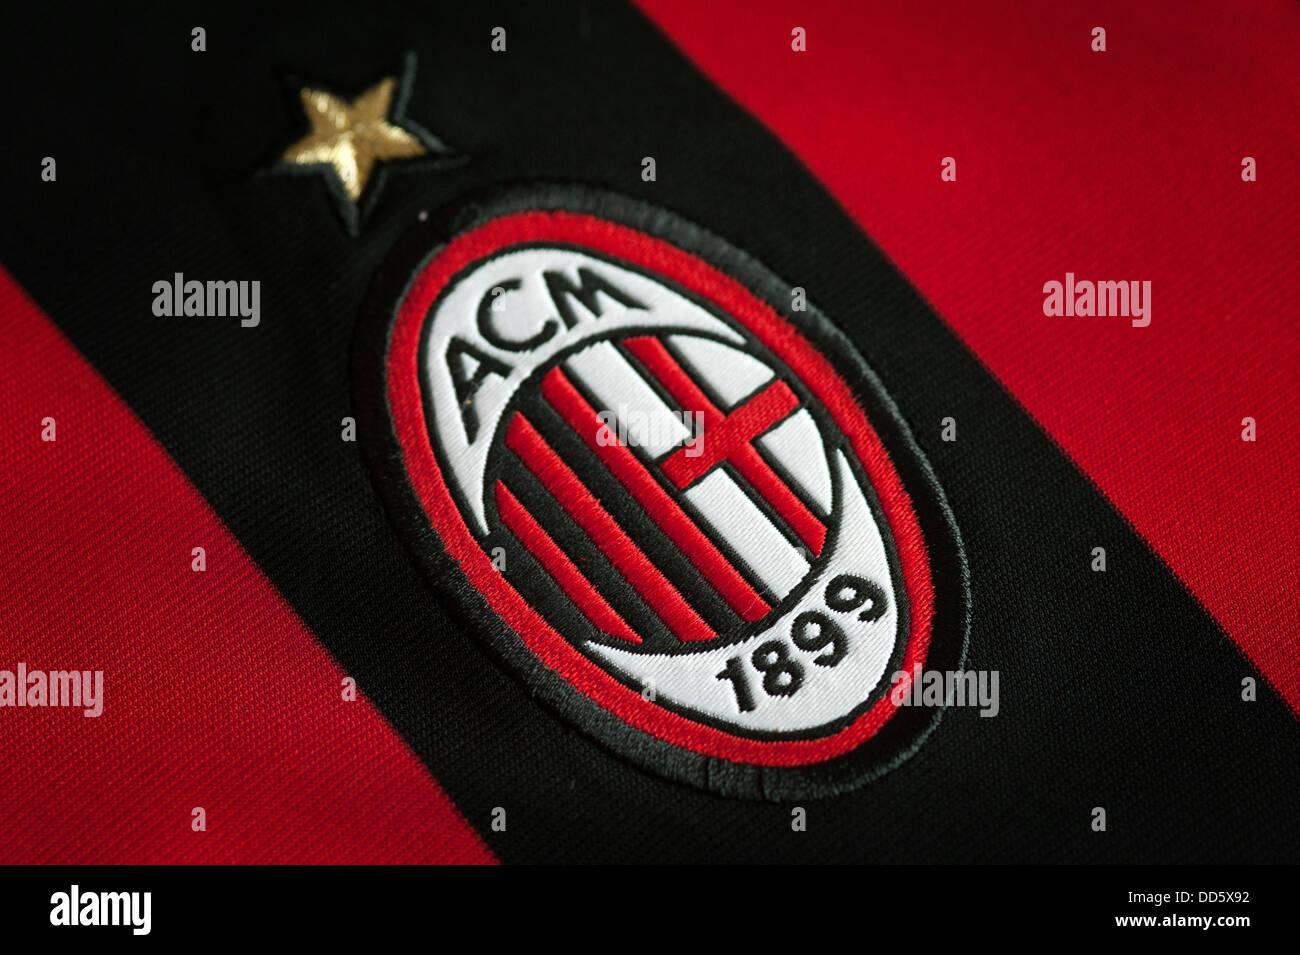 AC Milan - Stock Image